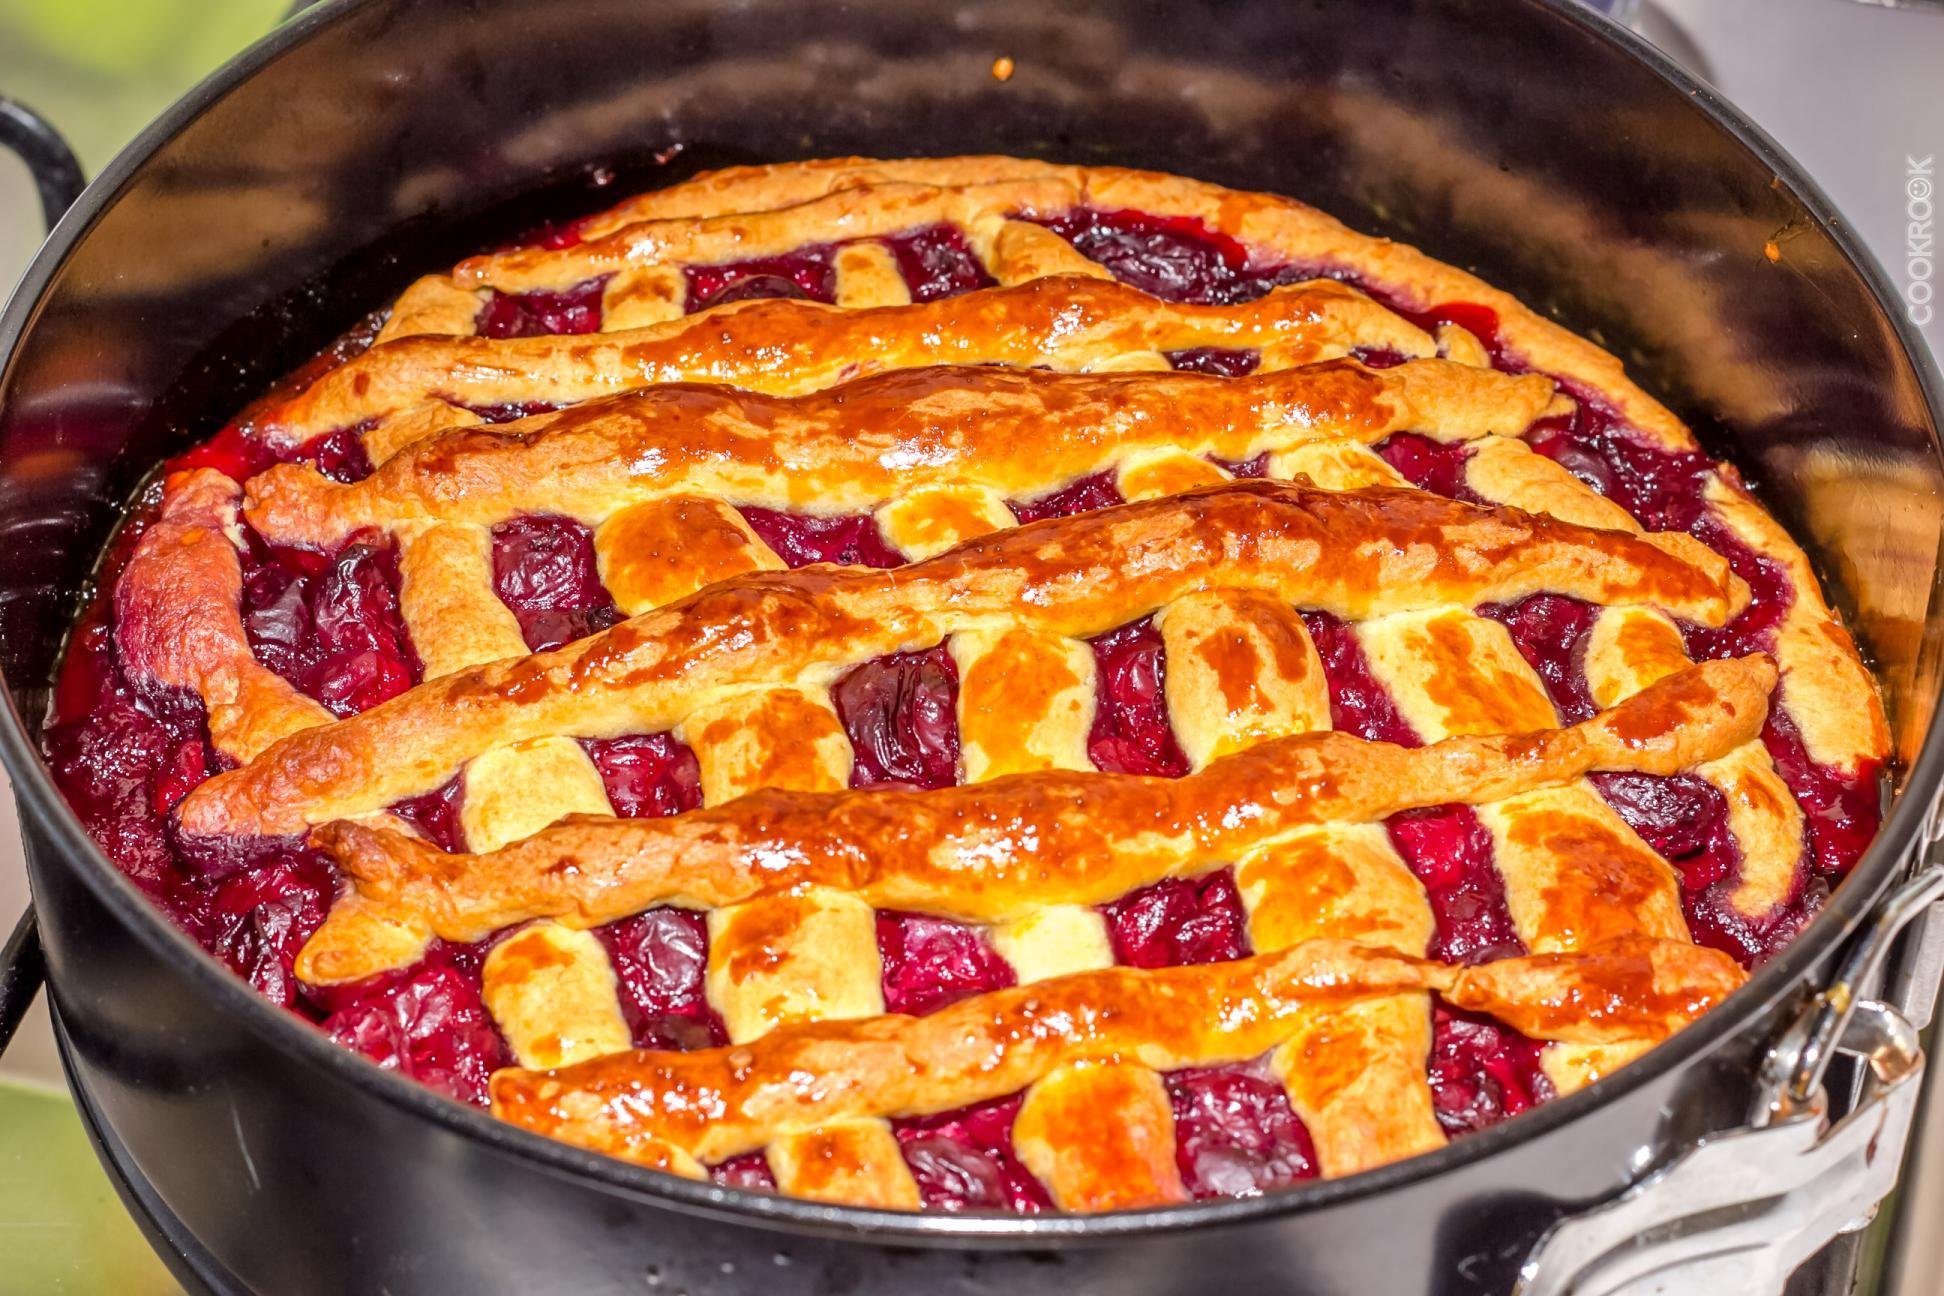 Вишнёвый пирог. Это голландский десерт, который обожают любители шоколада и вишни. В Германии готовя